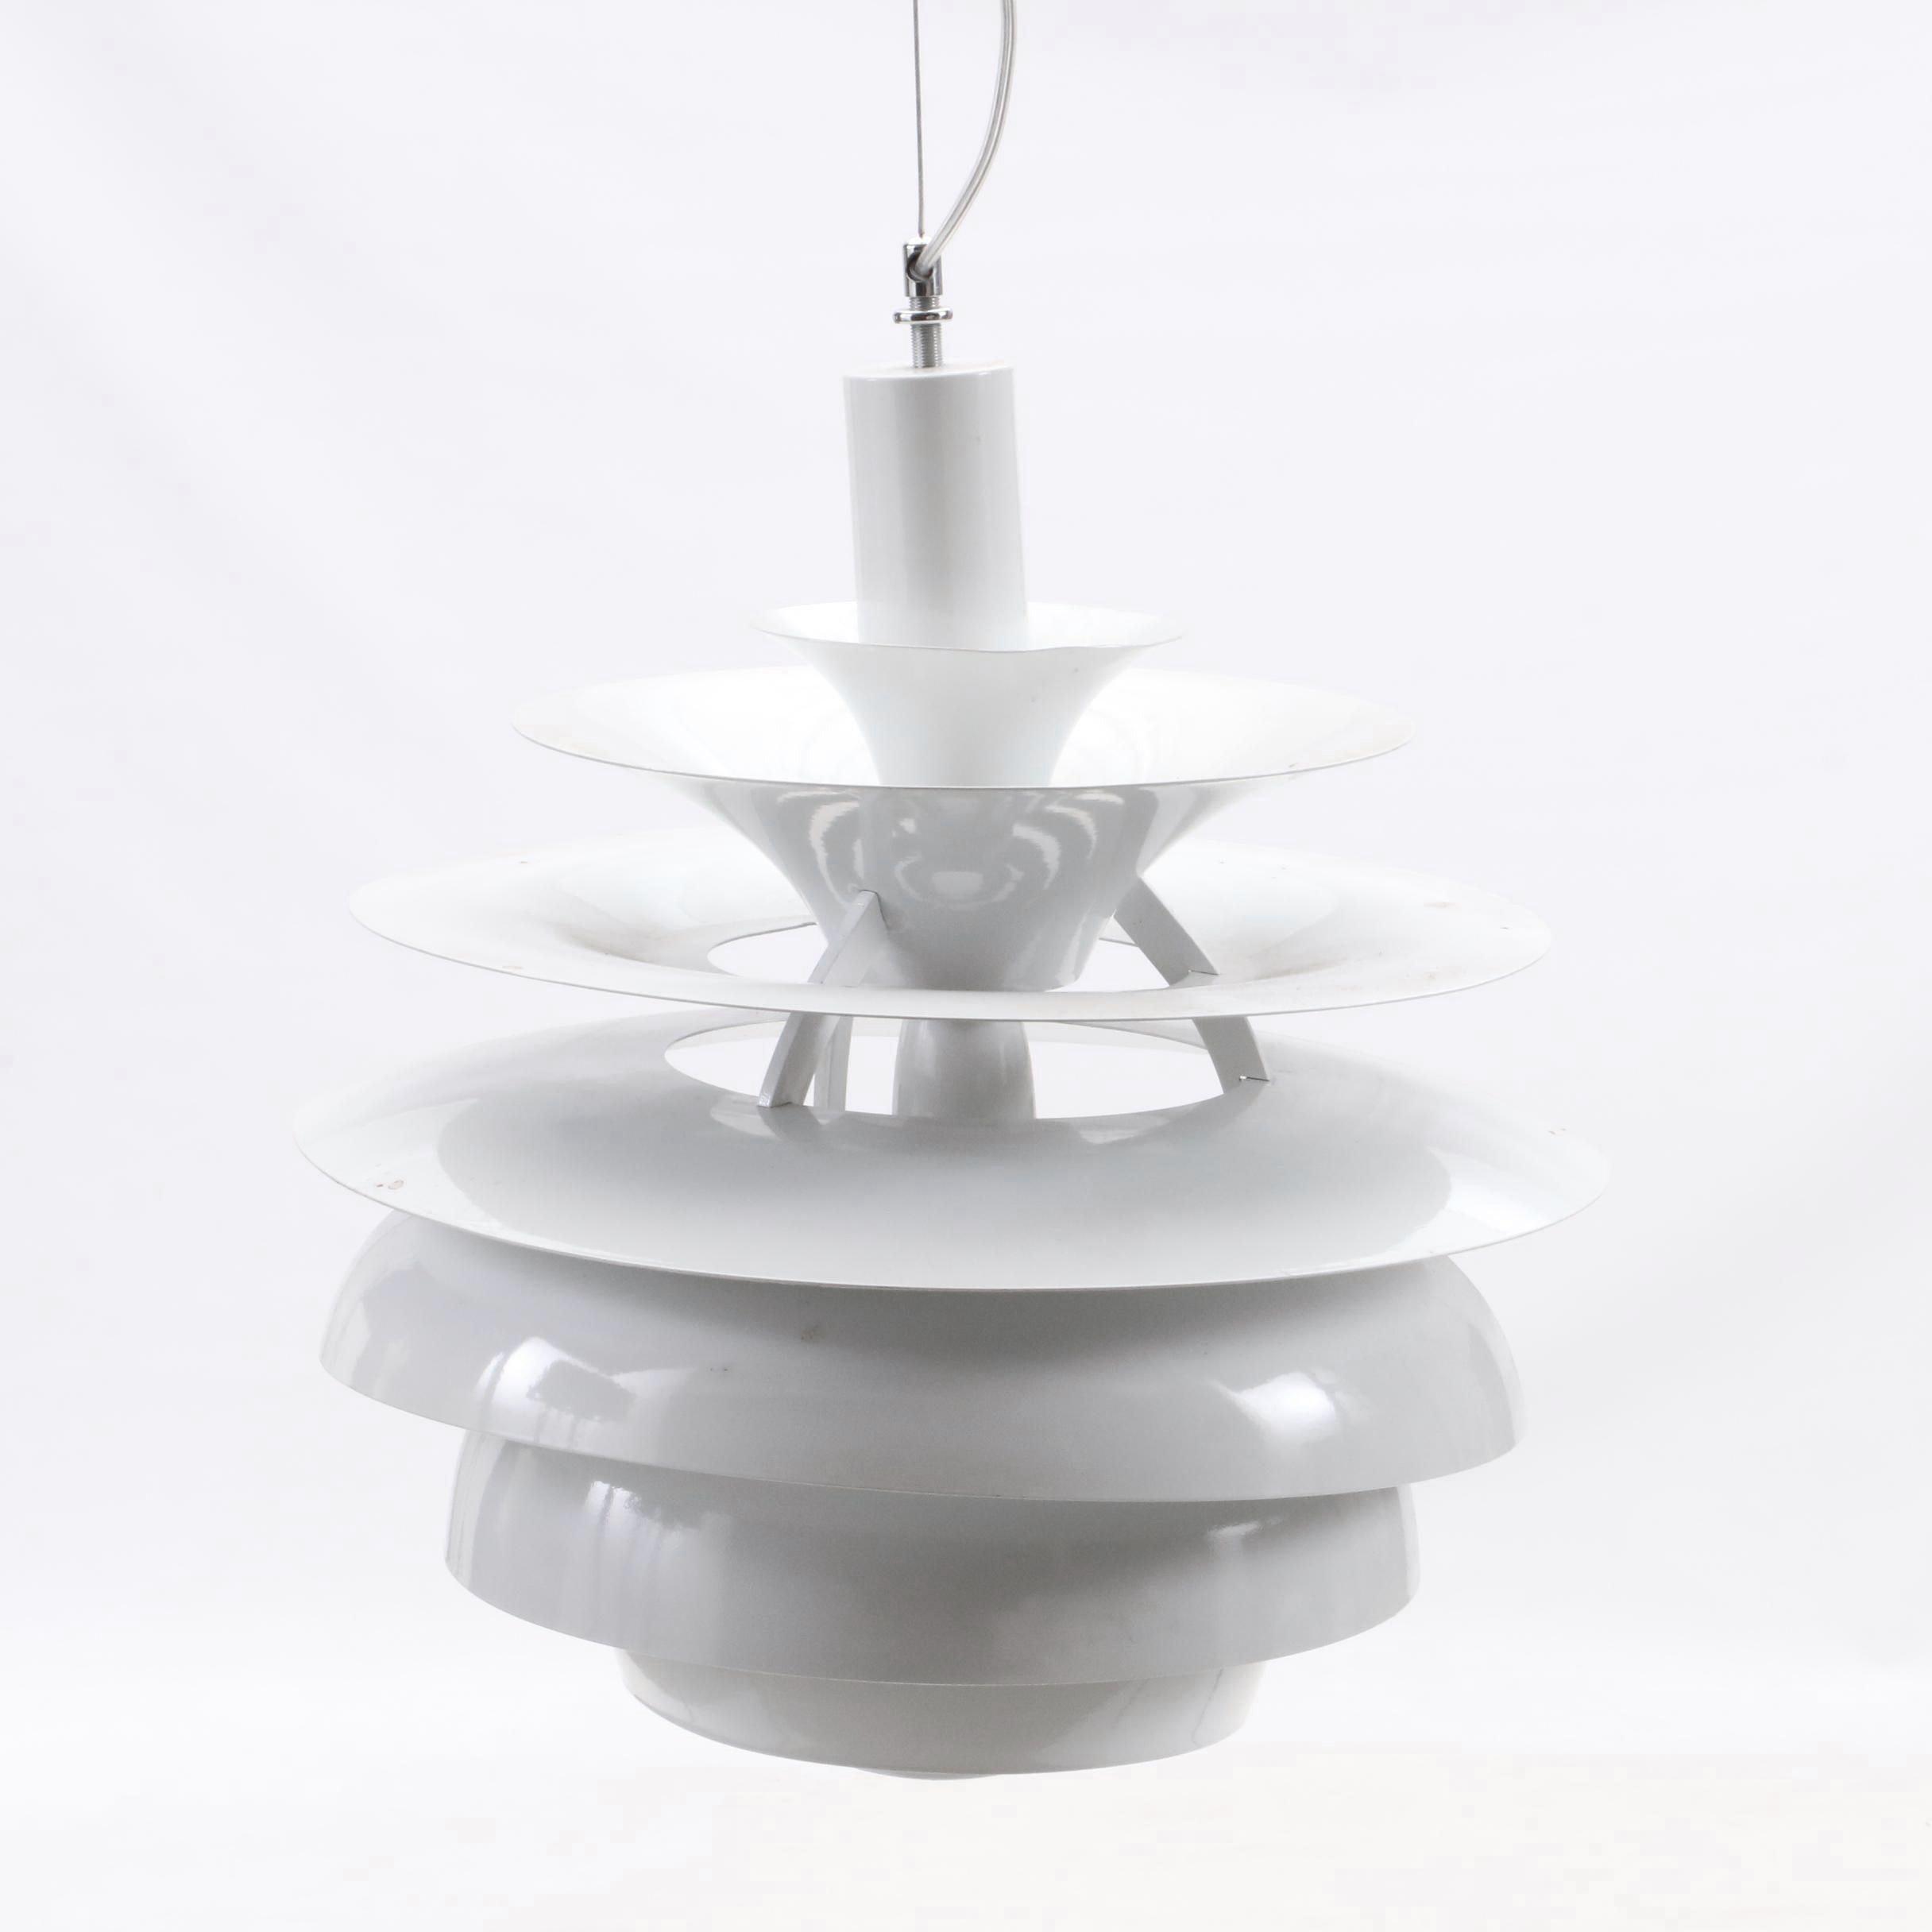 Mid Century Modern Style Pendant Light